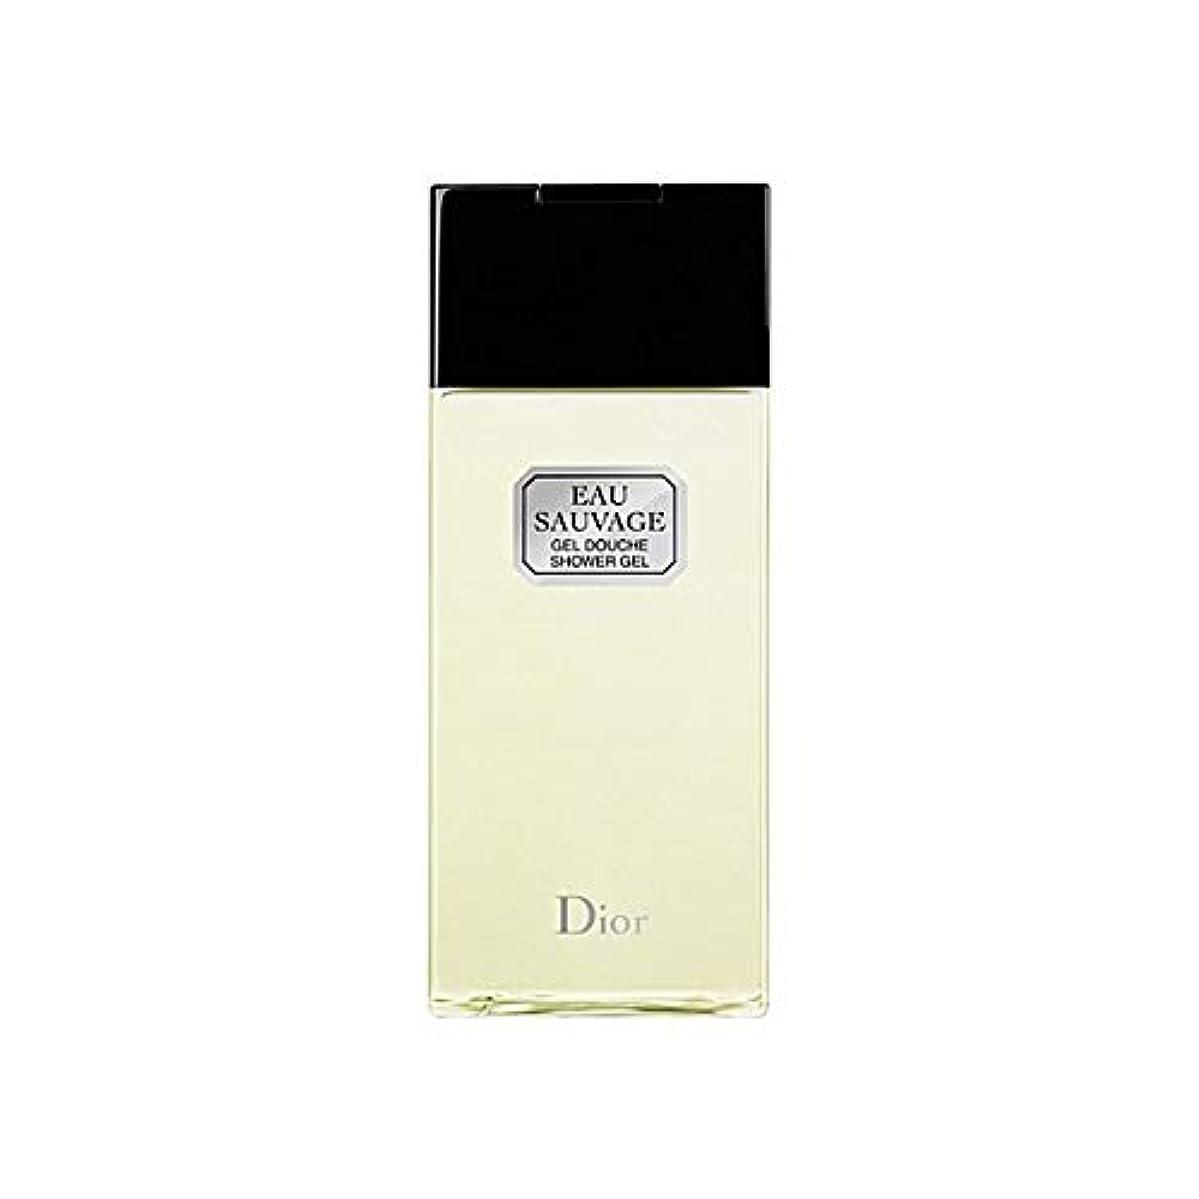 傾斜起こるぼんやりした[Dior ] ディオールオーソバージュシャワージェル200Ml - Dior Eau Sauvage Shower Gel 200ml [並行輸入品]